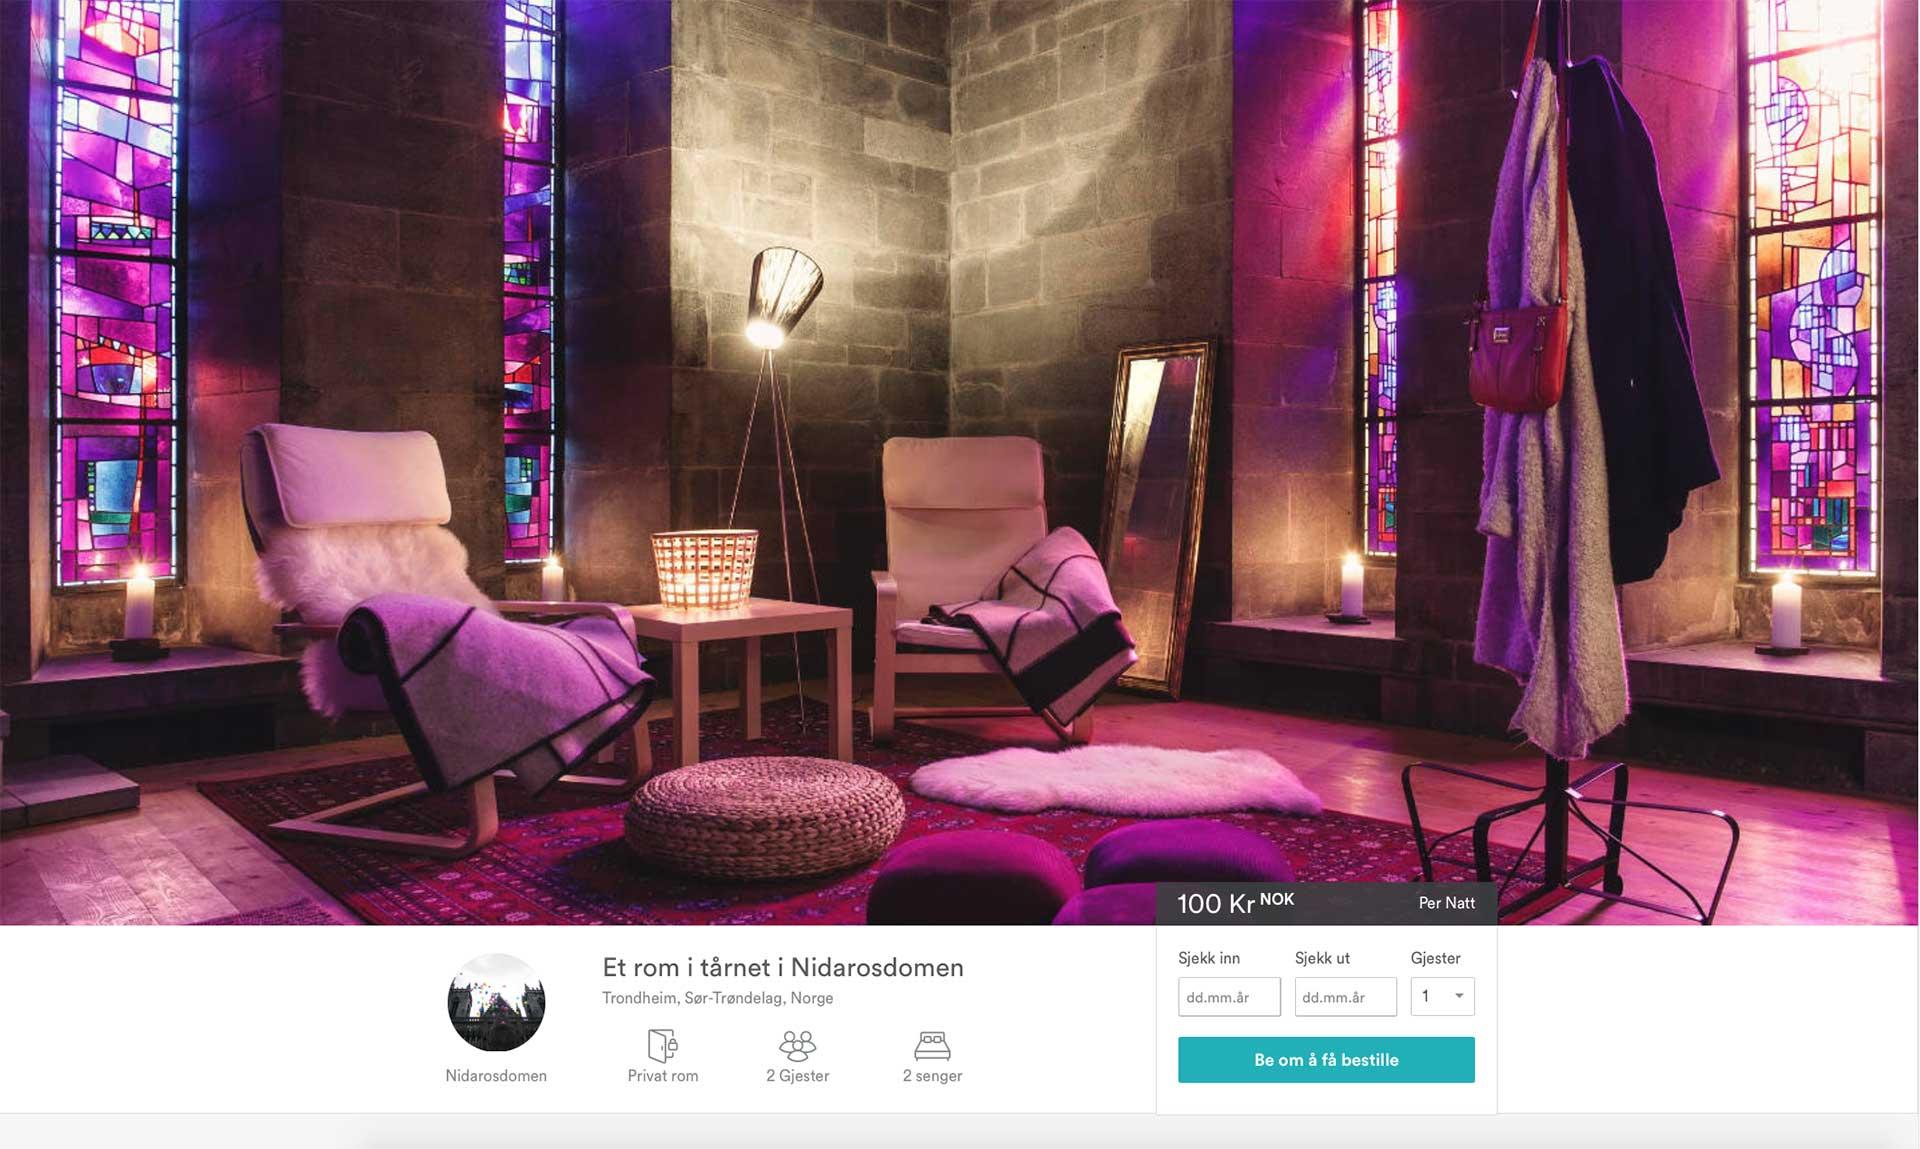 OFD-Airbnb-Annonsen1.jpg